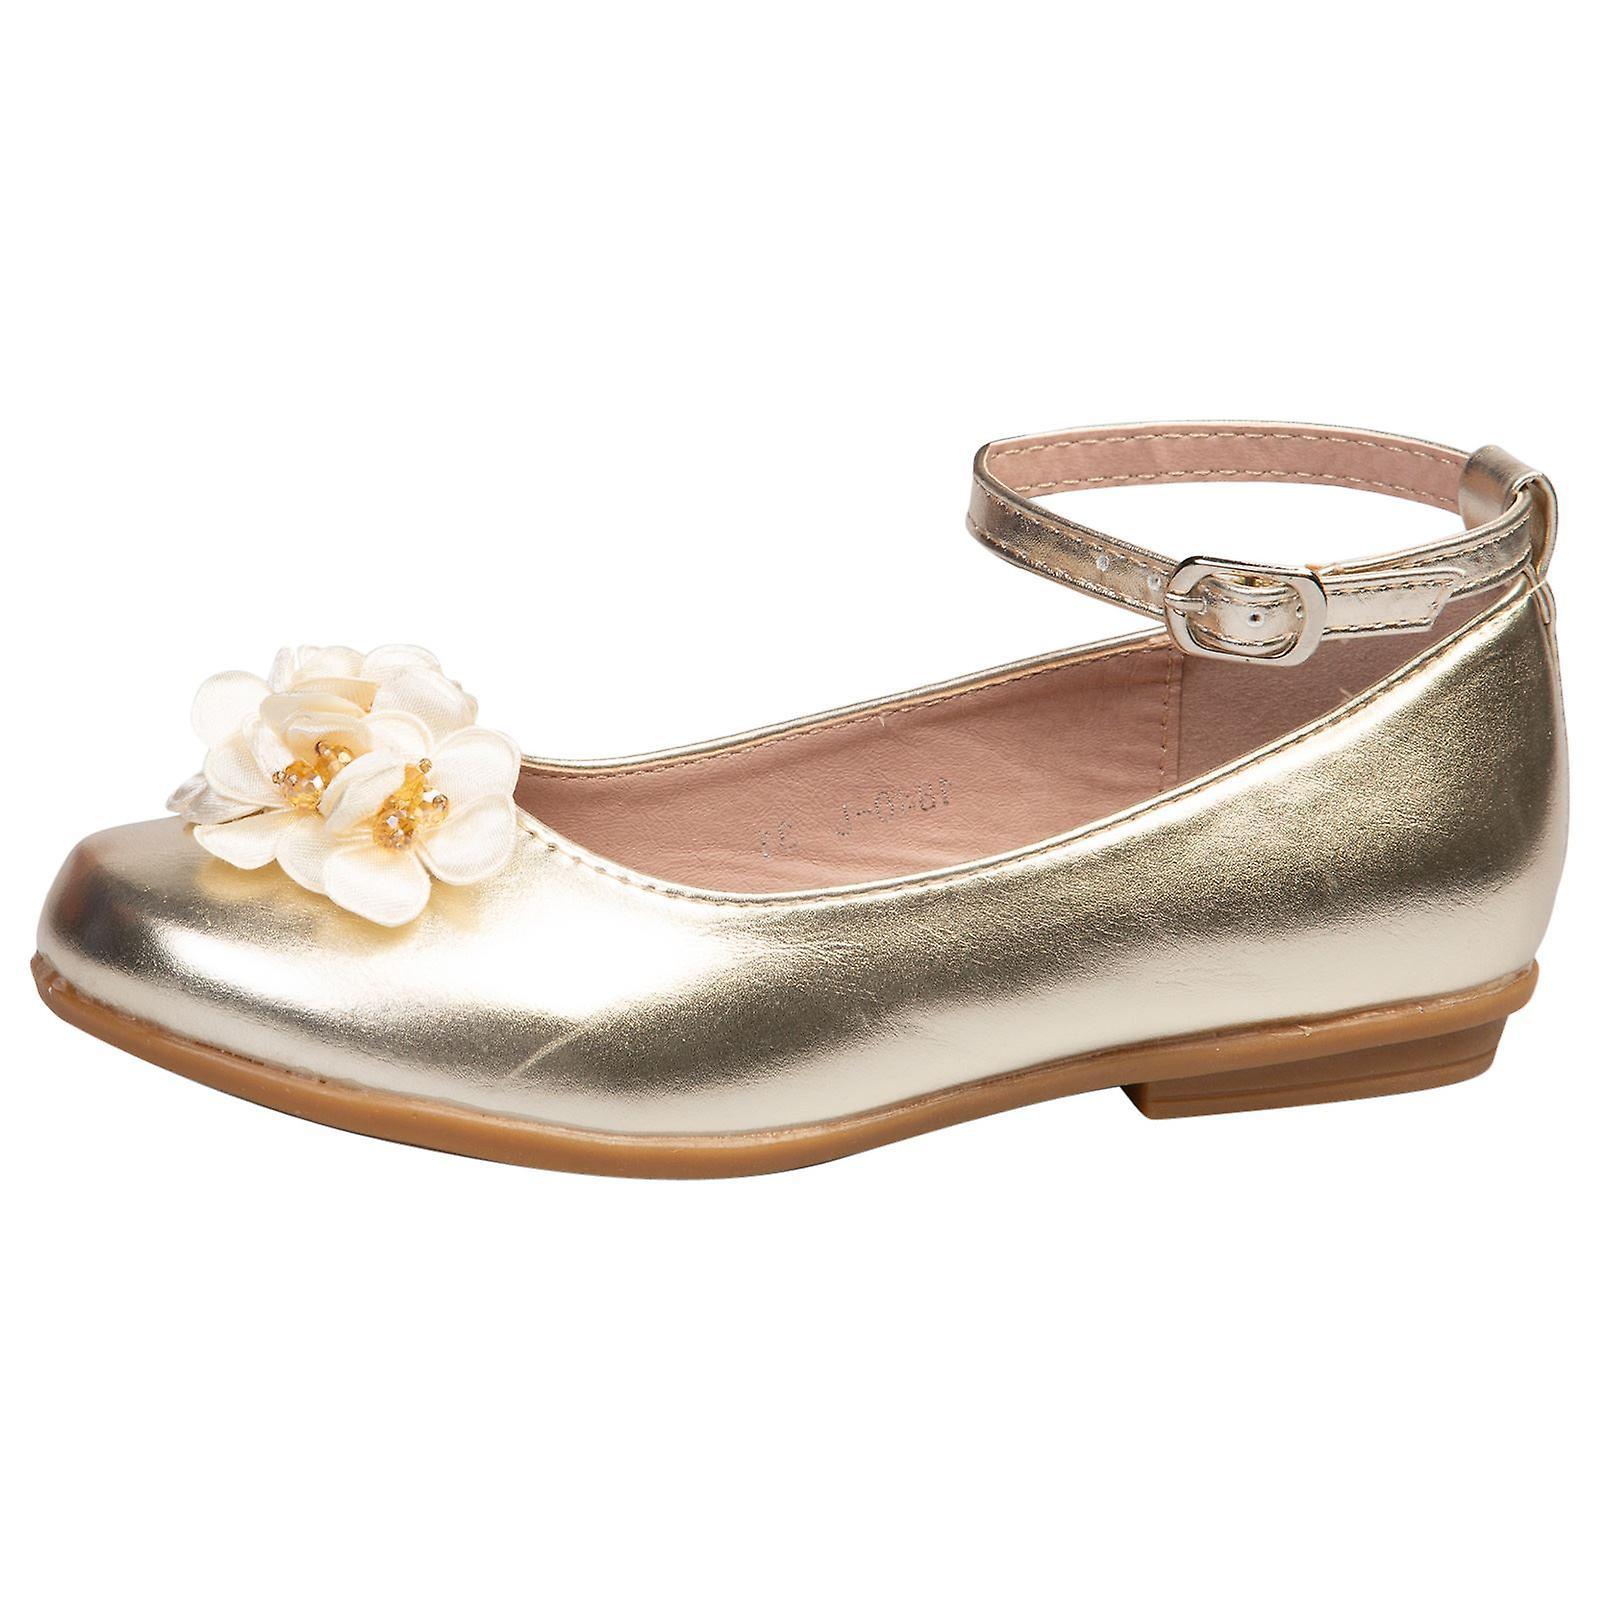 Nellie Mädchen Kinder flache Ballerina Schuhe